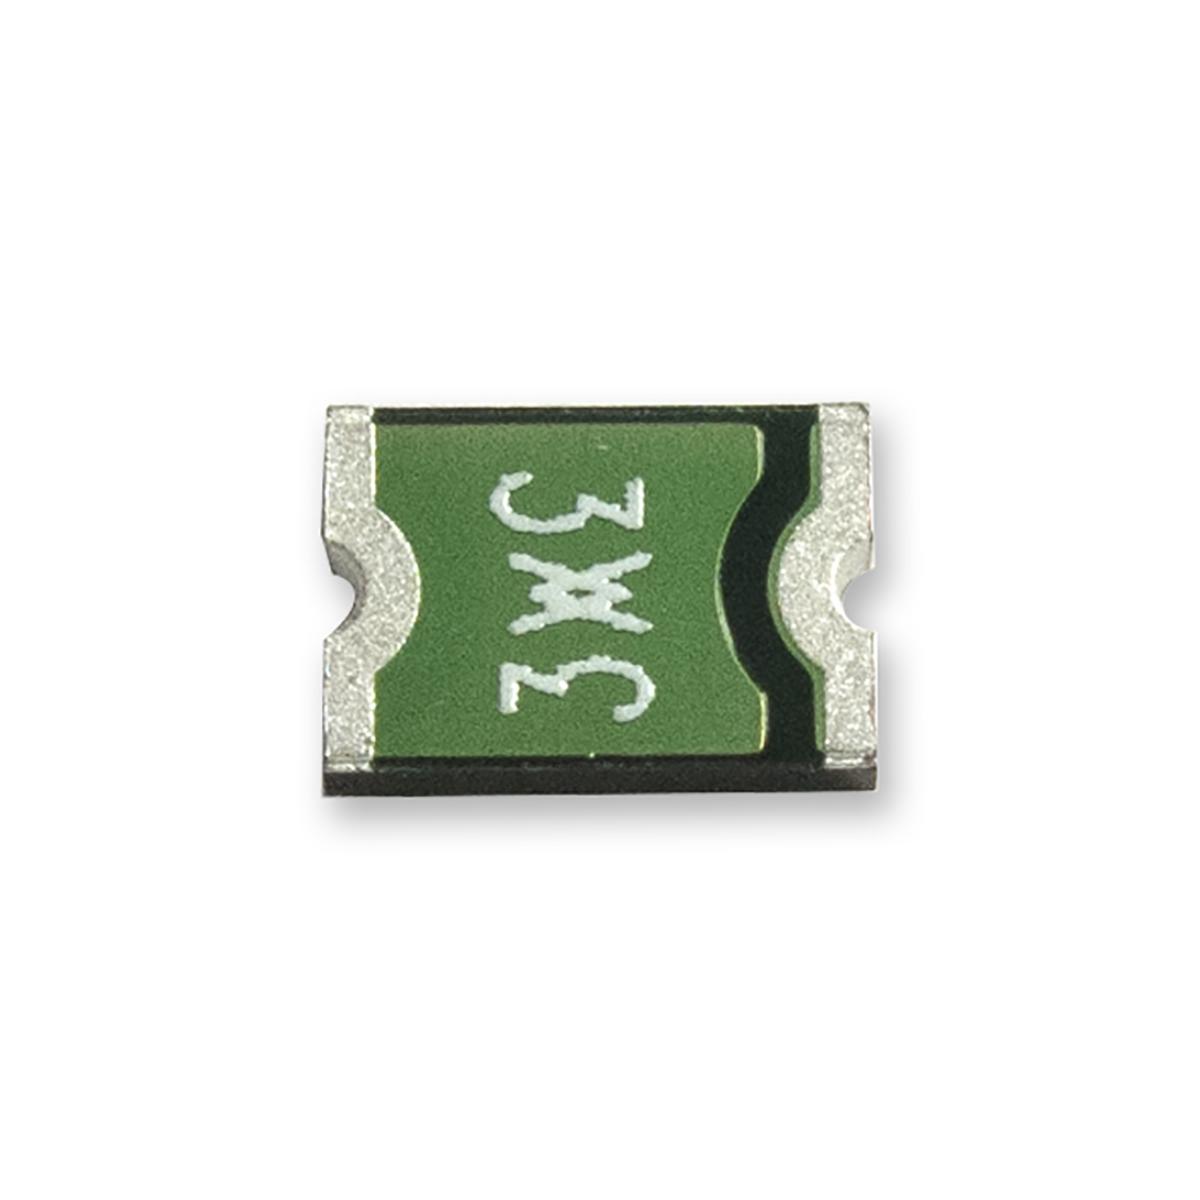 MINISMDC030F-2